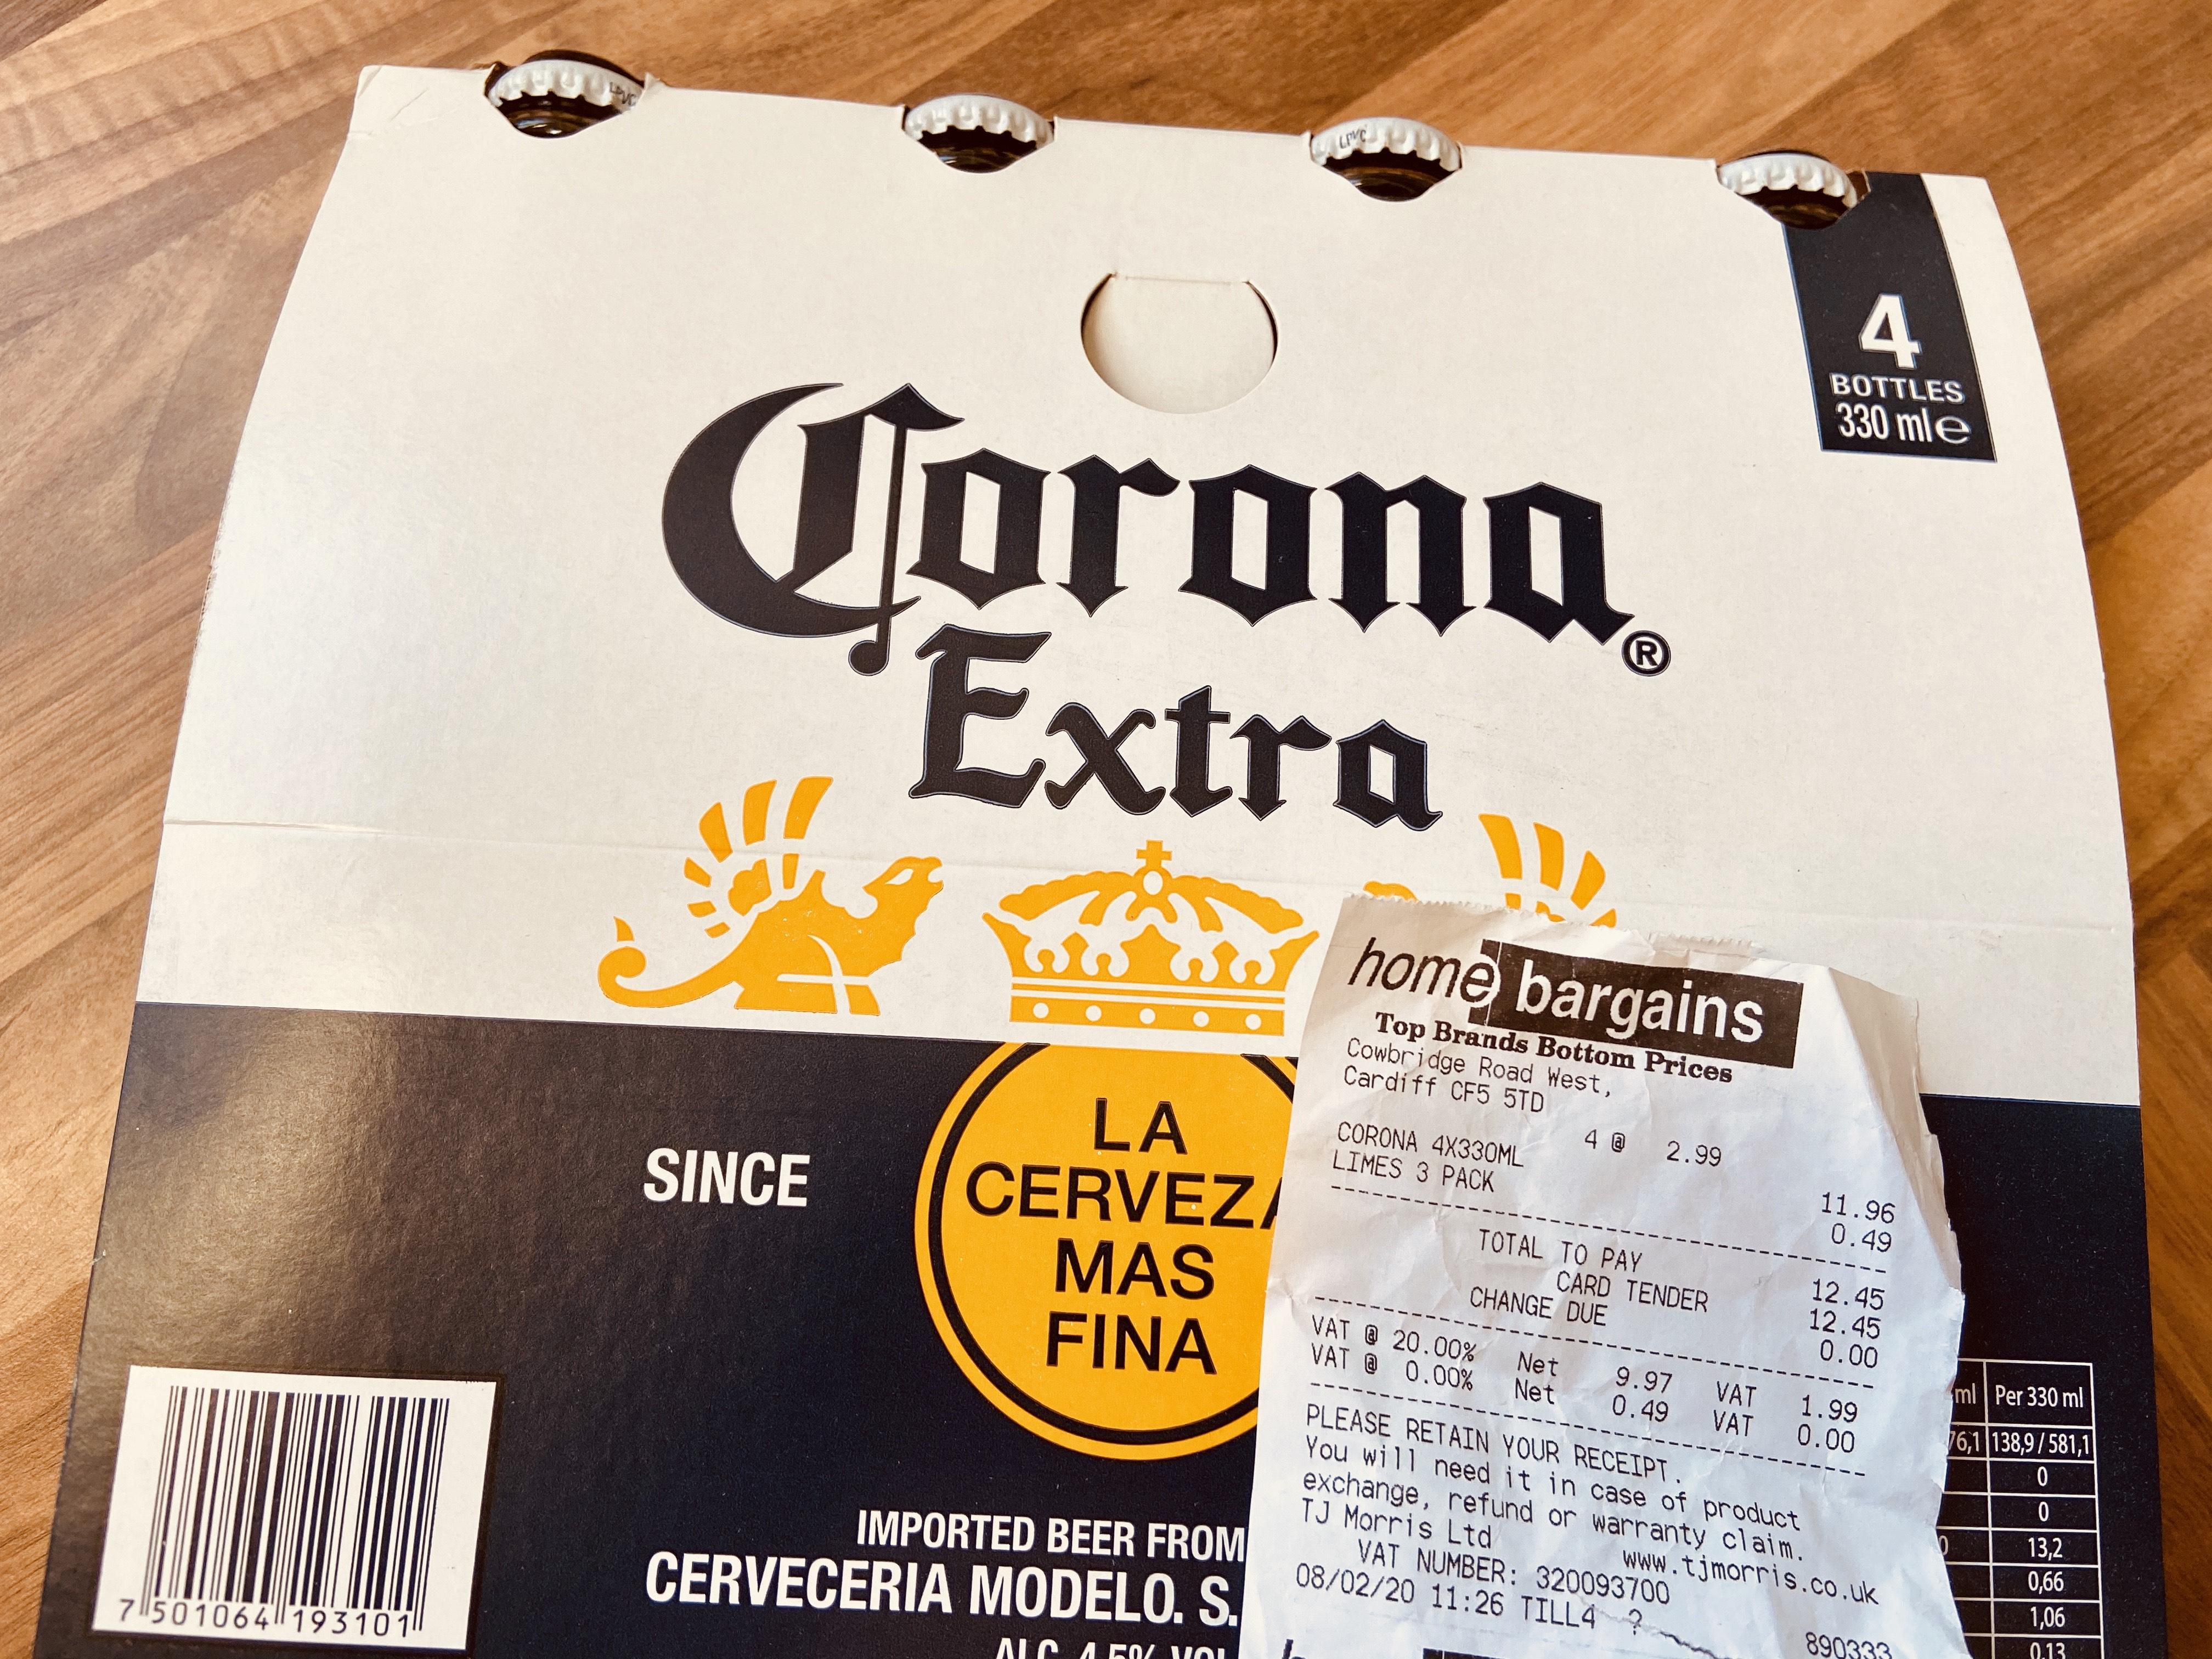 Corona 4 x 330ml = £2.99 @ Home Bargains Cardiff